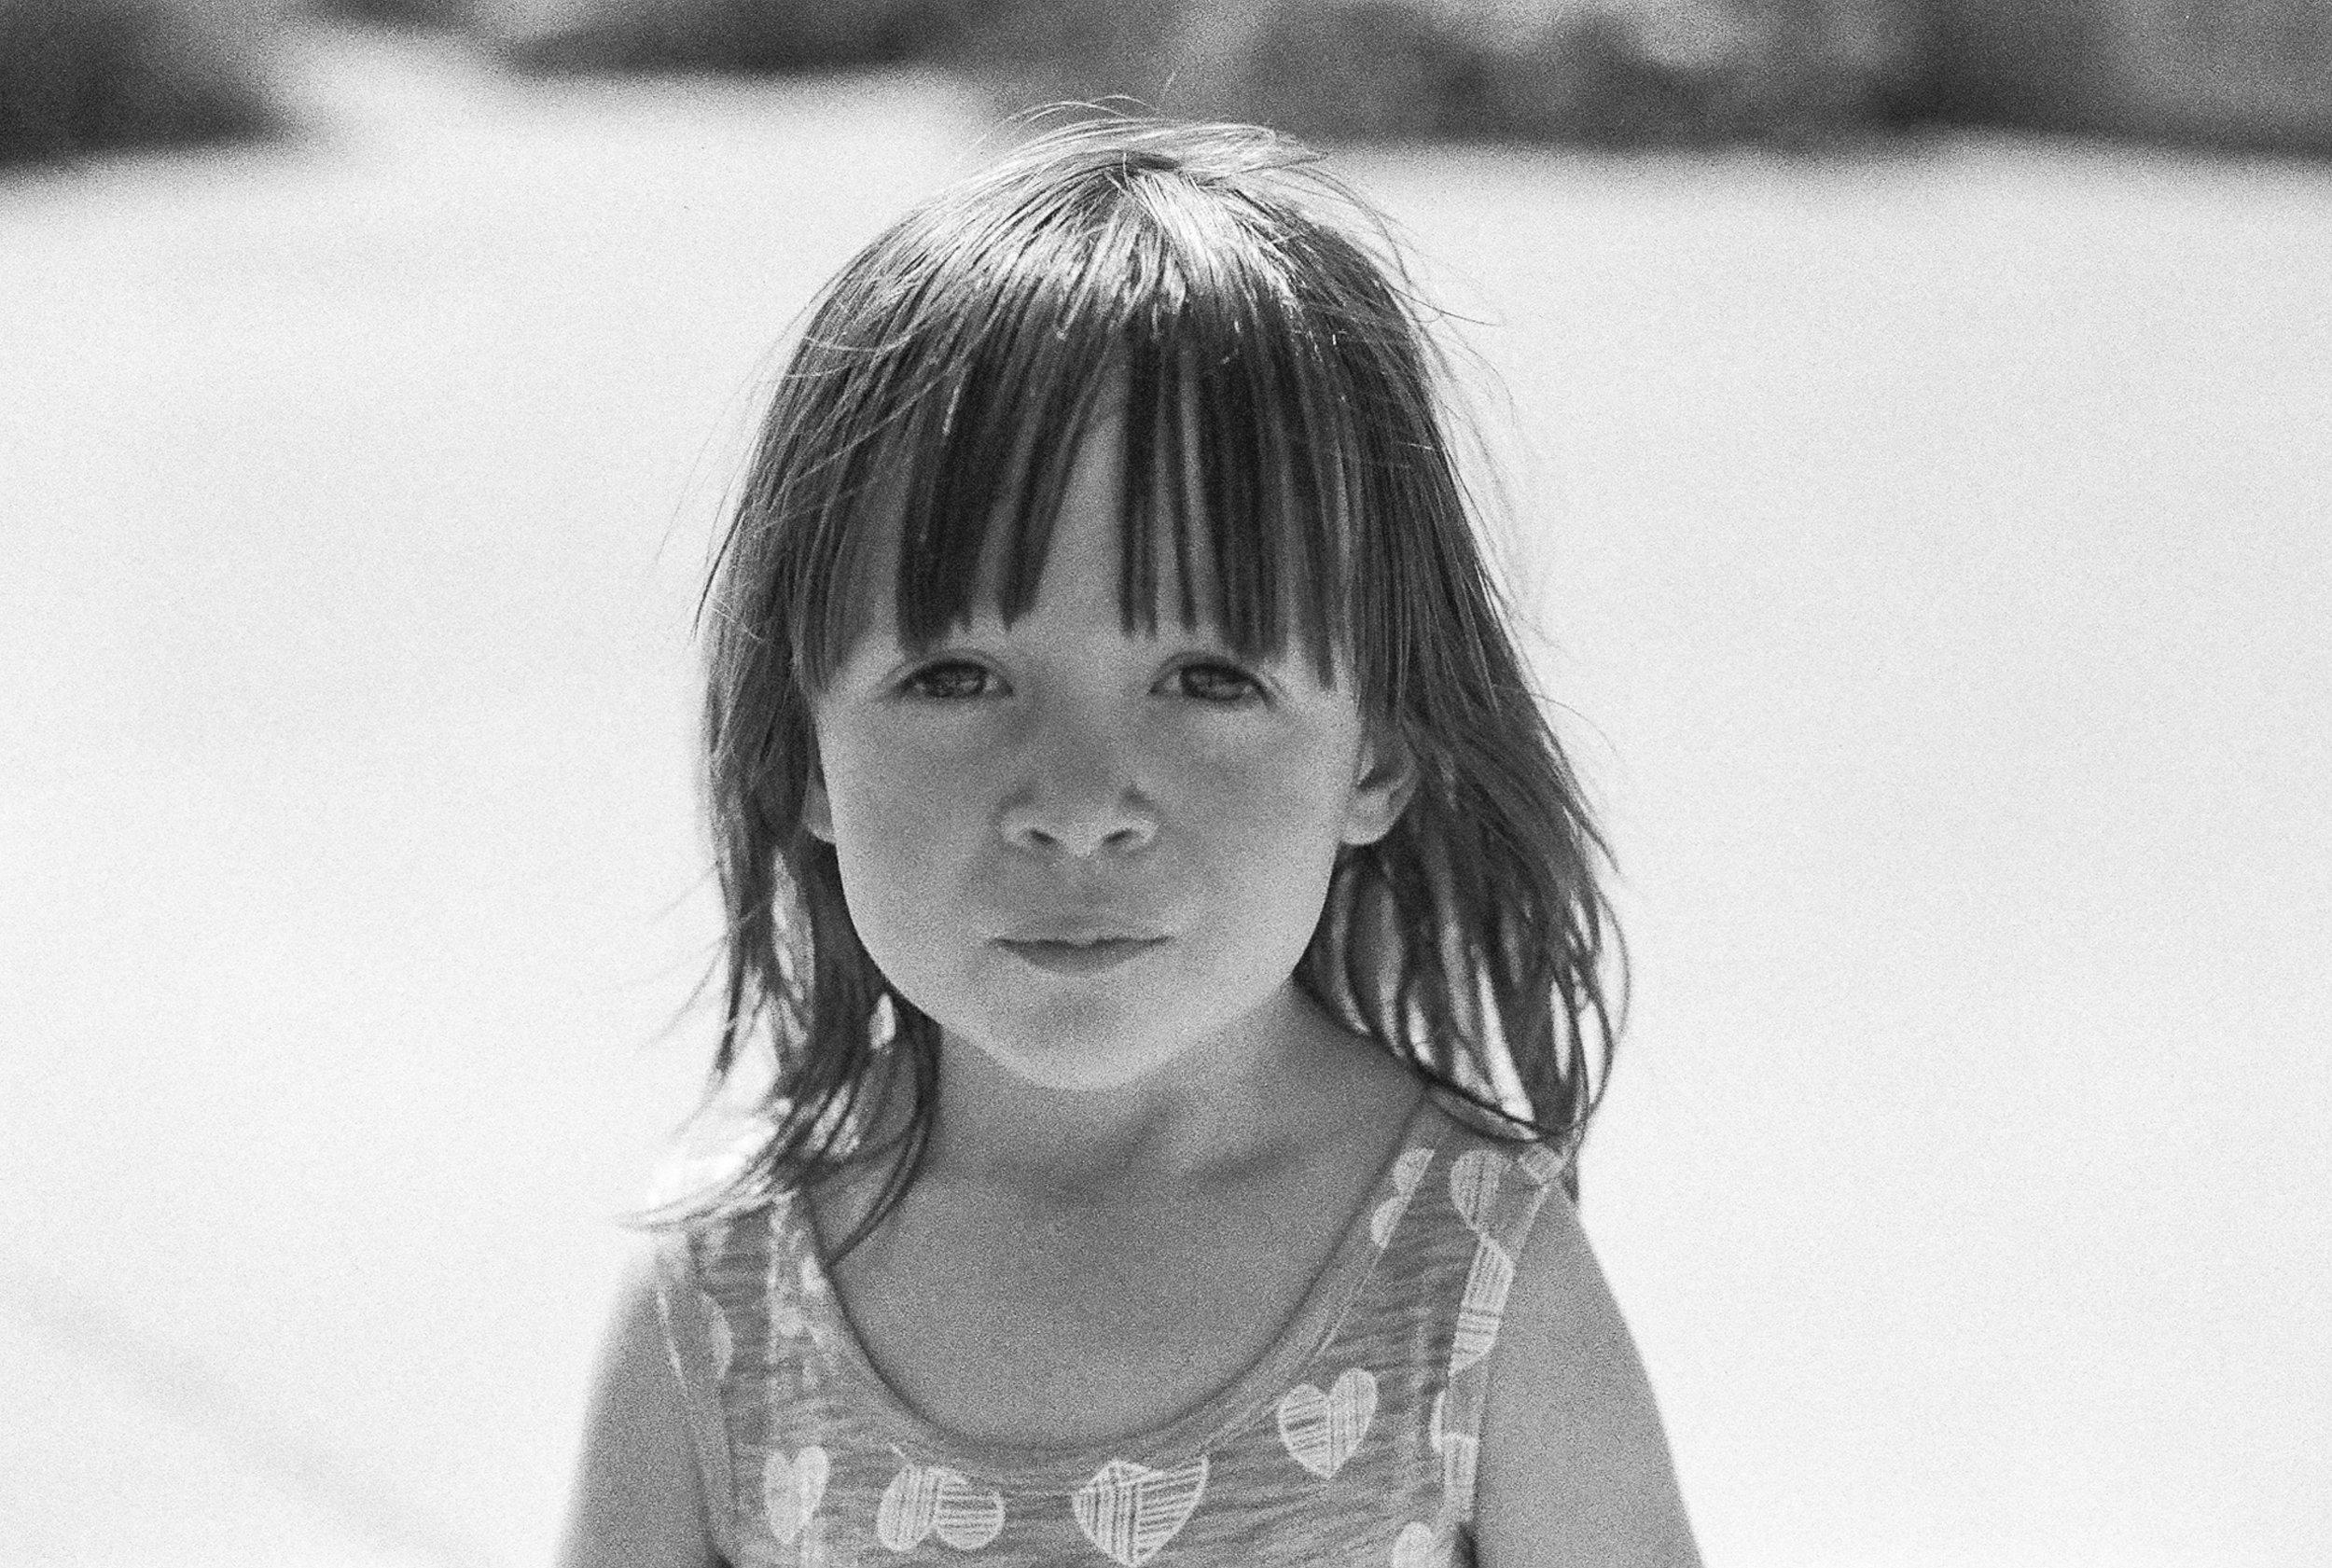 Portrait at Mission Trails